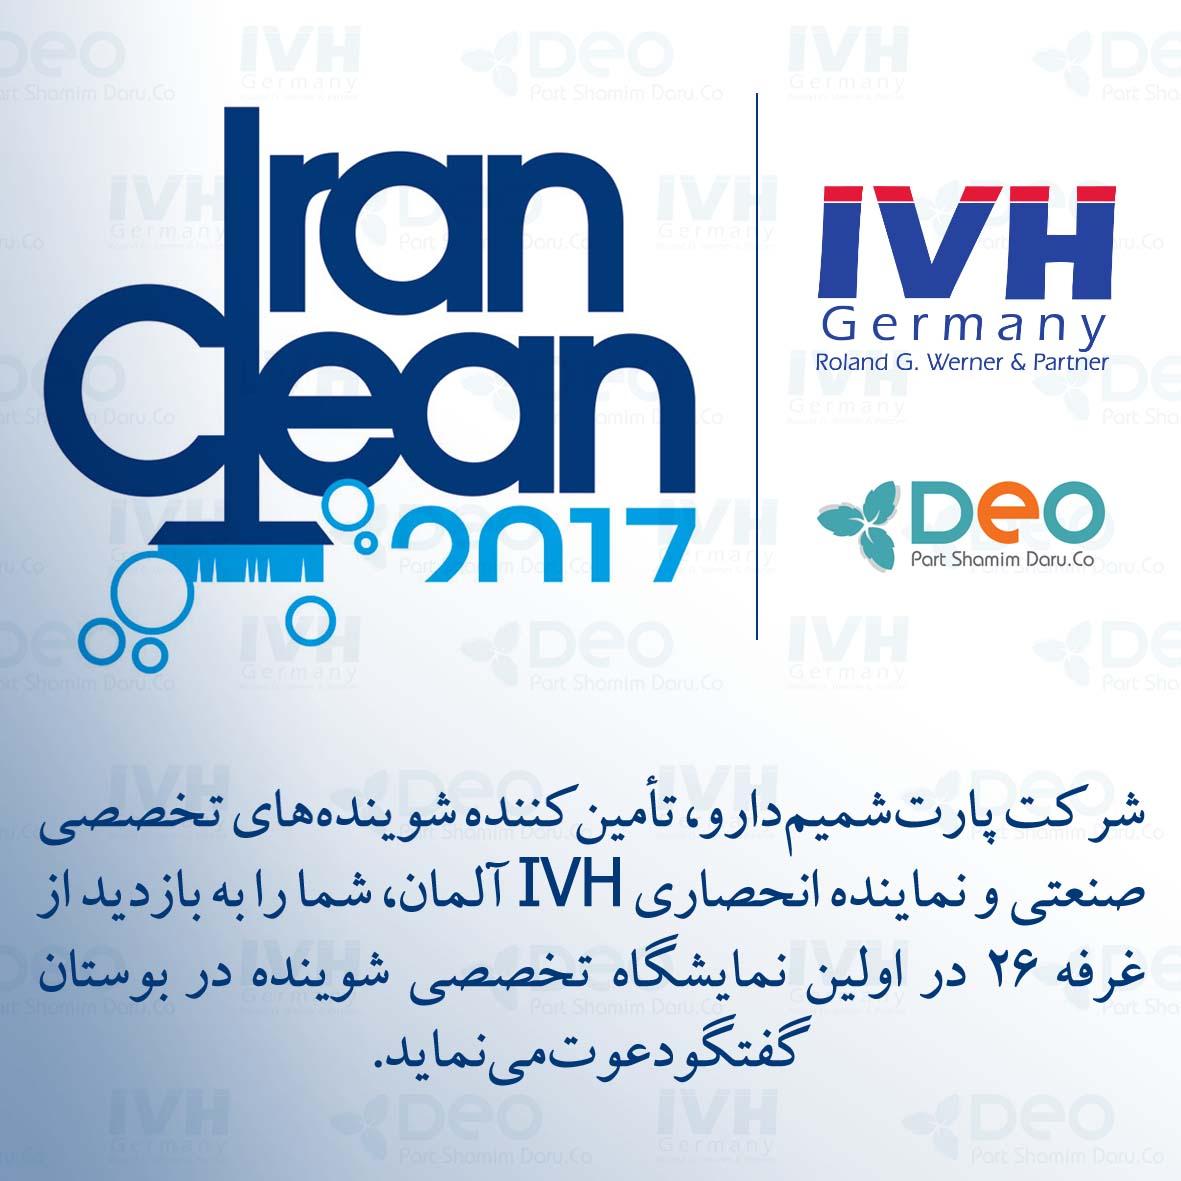 Iran Clean 2017 Exhibition Invitation